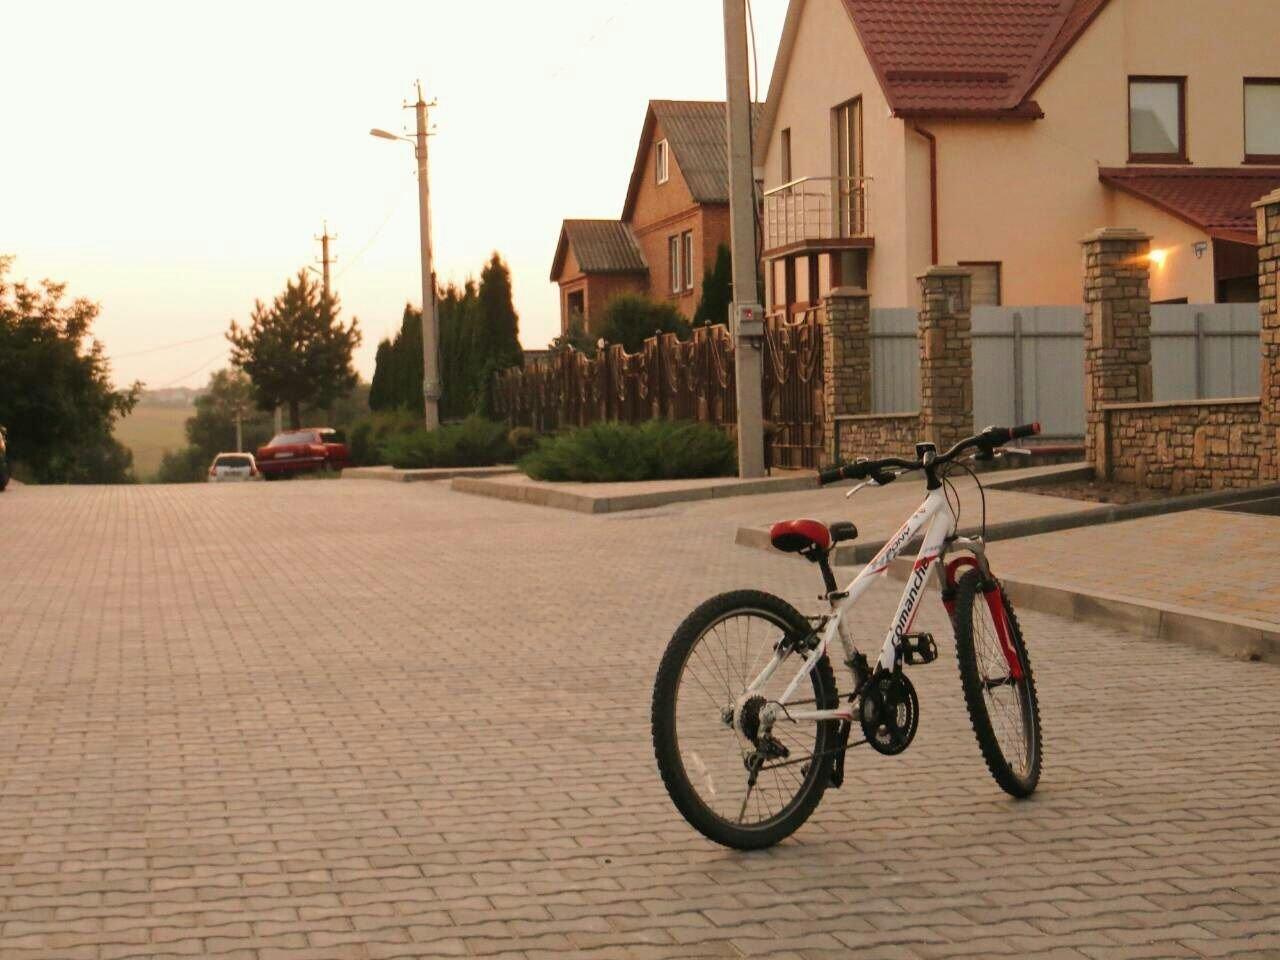 З'явилися світлини найкрасивіших будинків та вулиць Хмельницького, фото-5